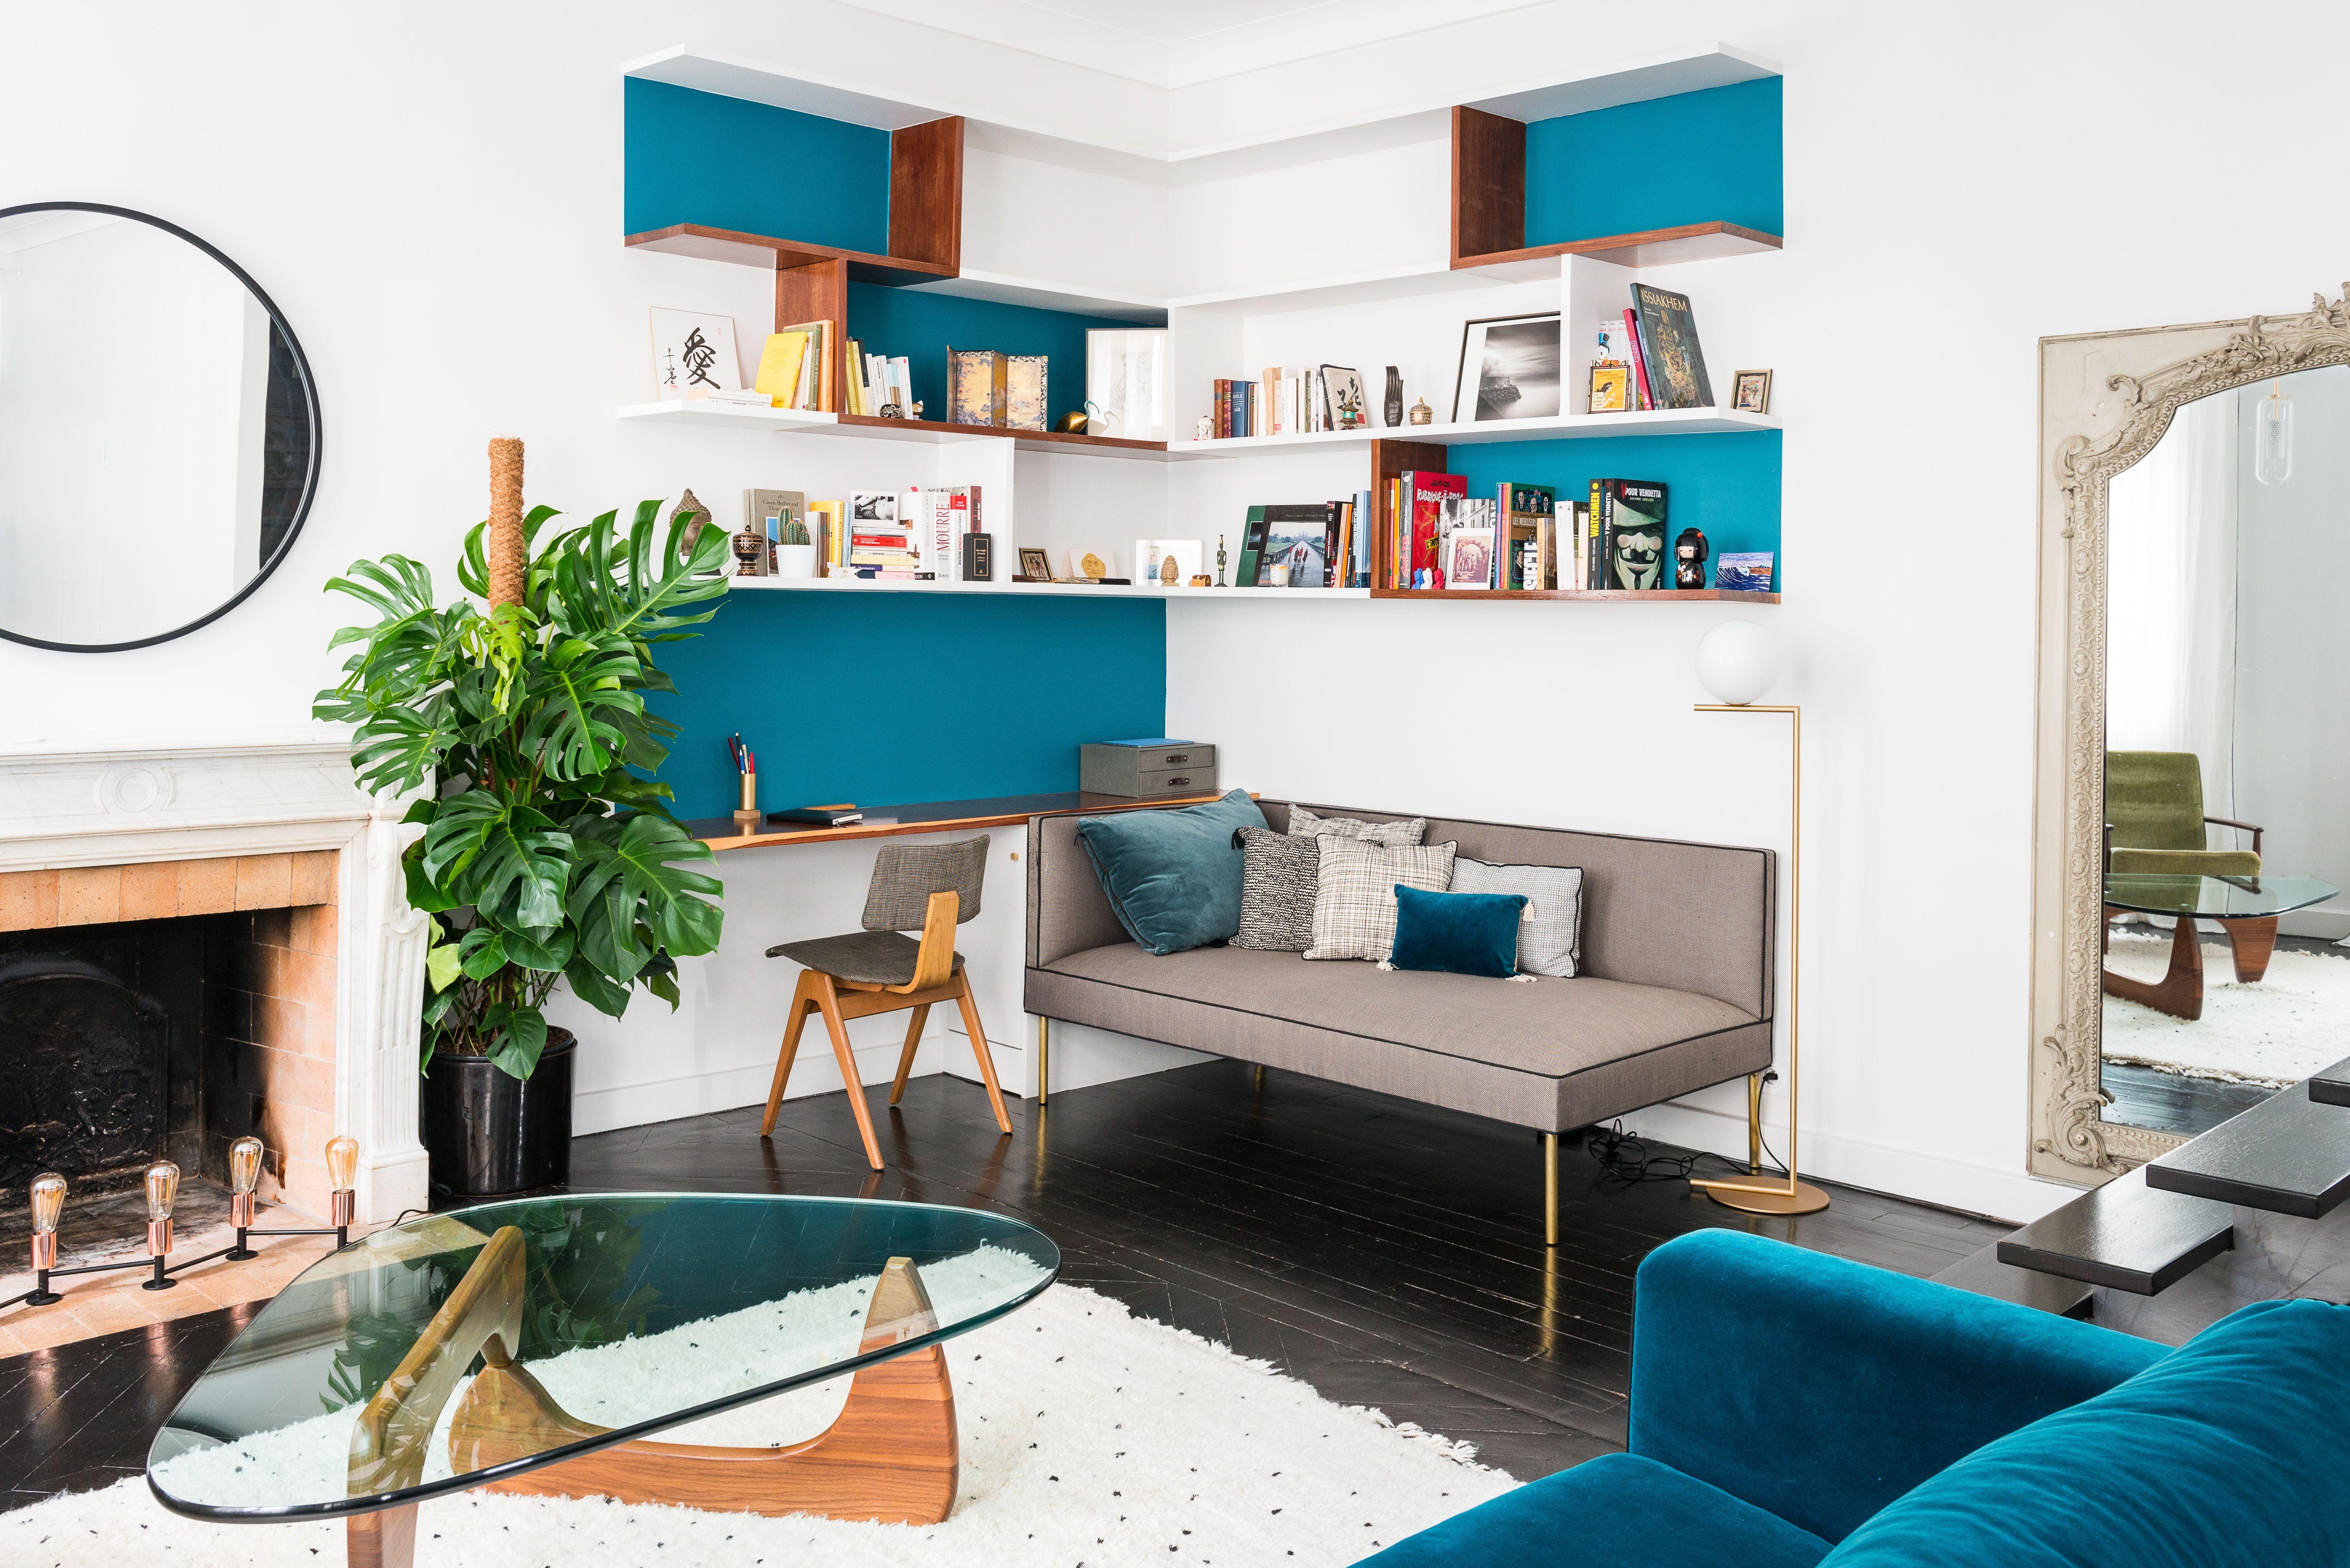 Appartement Haussmannien Avec Biblioth Que Sur Mesure En  # Vaisselier D'Angle Moderne En Palissandre